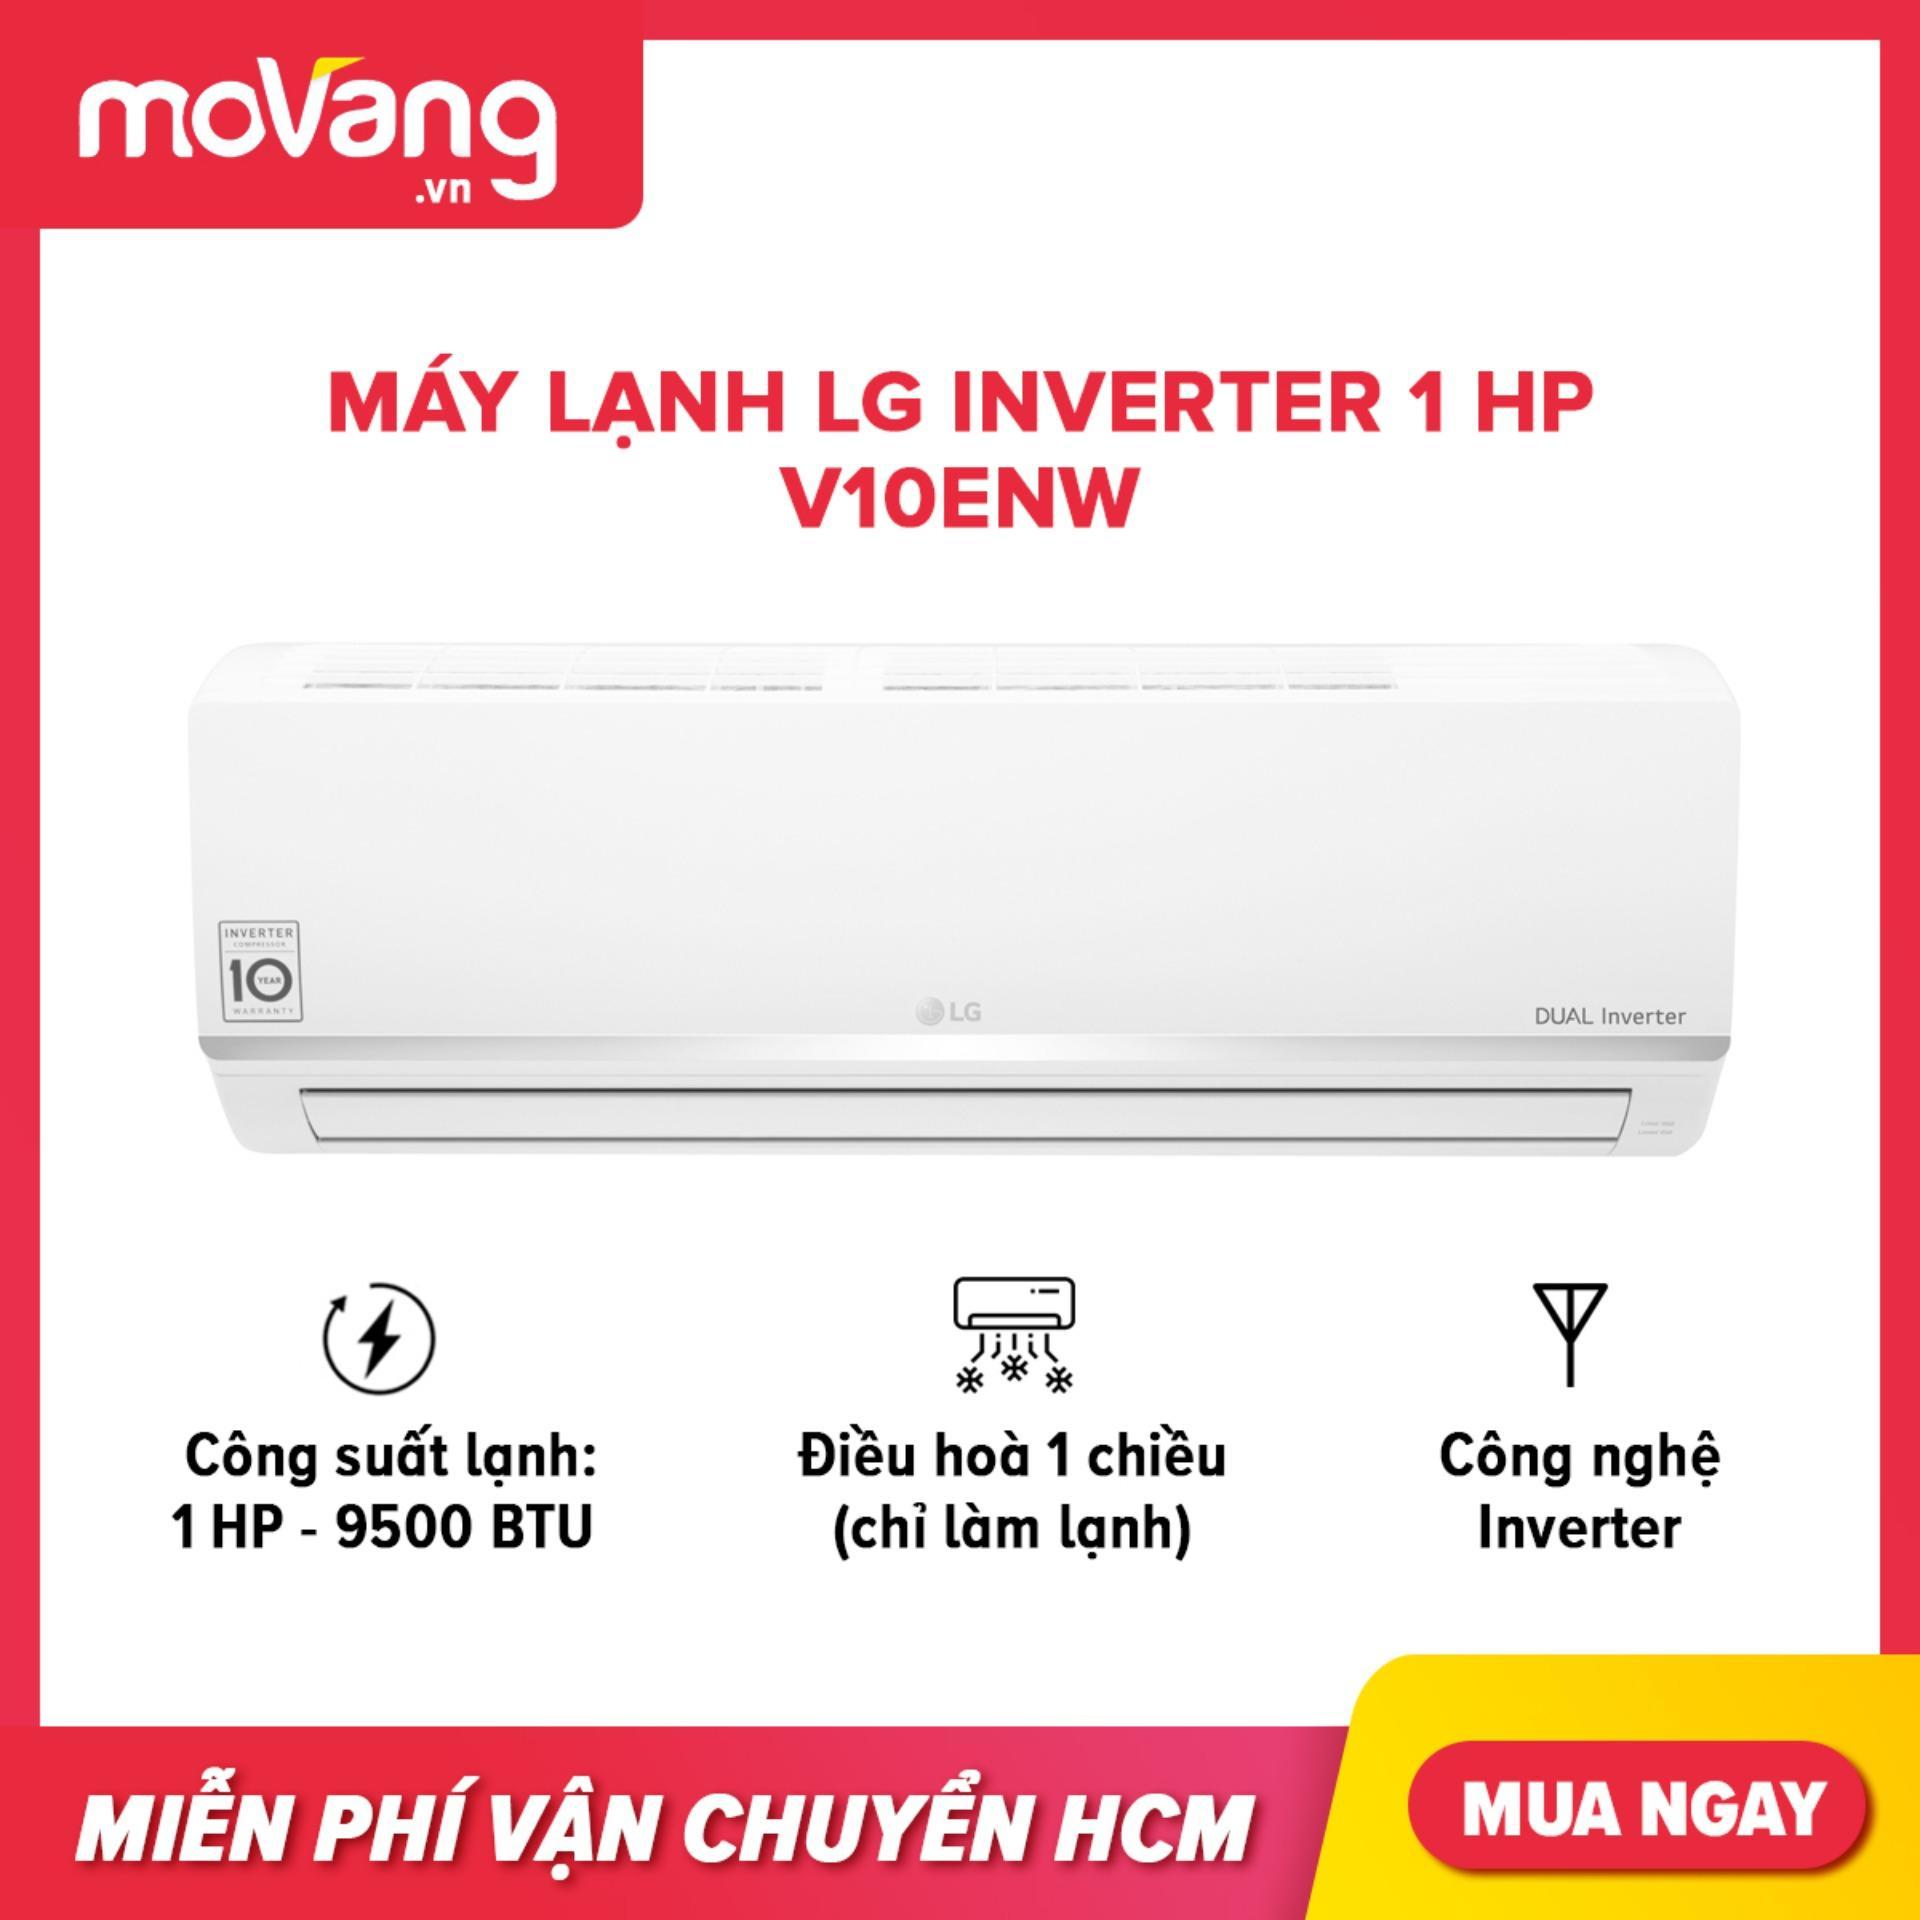 Bảng giá Máy lạnh LG Inverter 1HP V10ENW phạm vi làm lạnh 15m2, công nghệ tiết kiệm điện, kháng khuẩn khử mùi